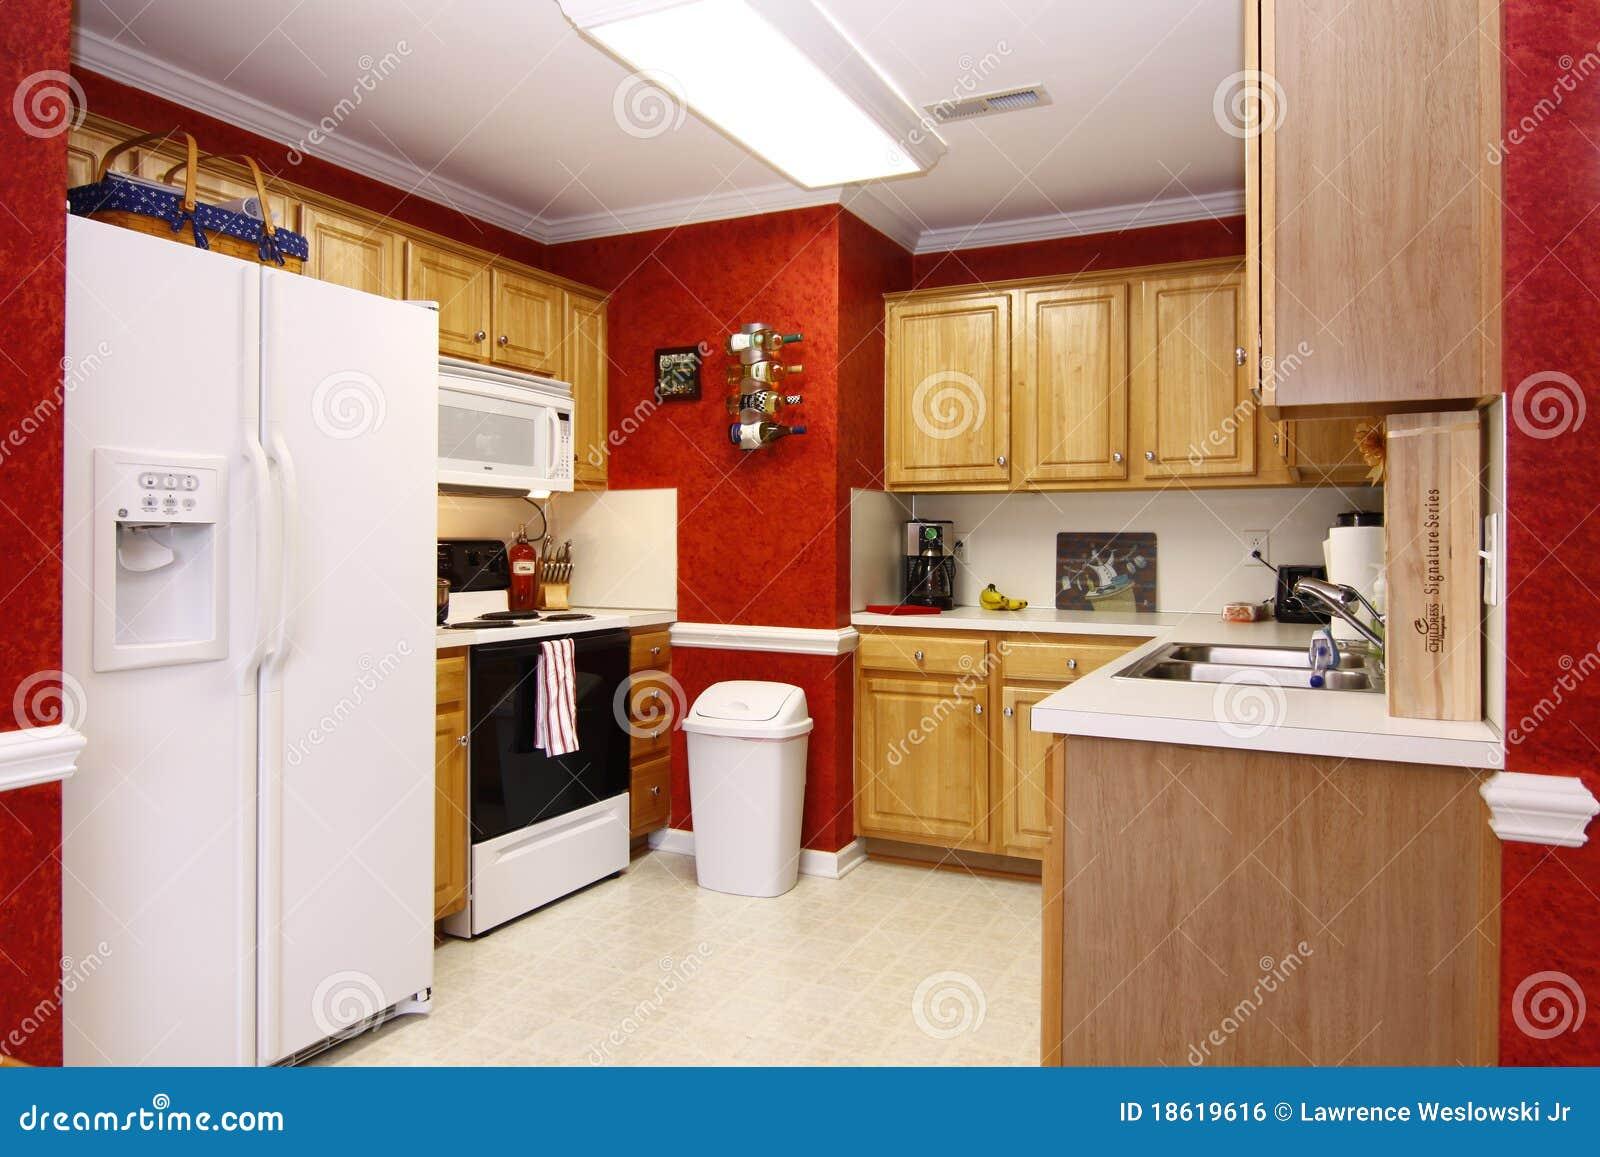 Heldere vrolijke keuken redactionele foto beeld 18619616 - Beeld van eigentijdse keuken ...